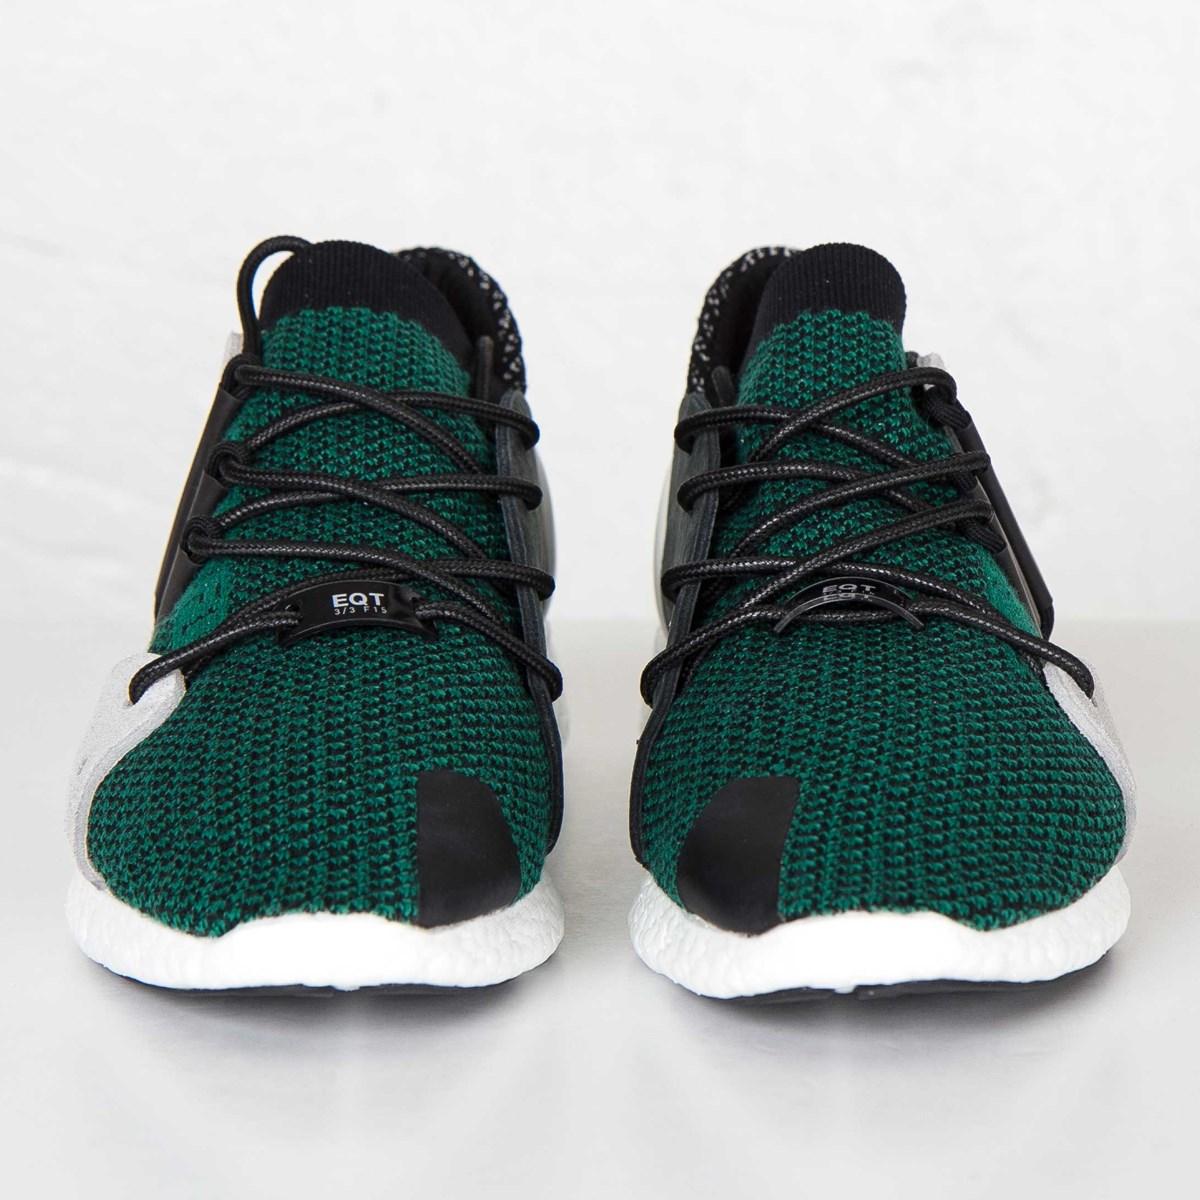 200122b0b03f adidas EQT 3 3 F15 OG - Aq5093 - Sneakersnstuff